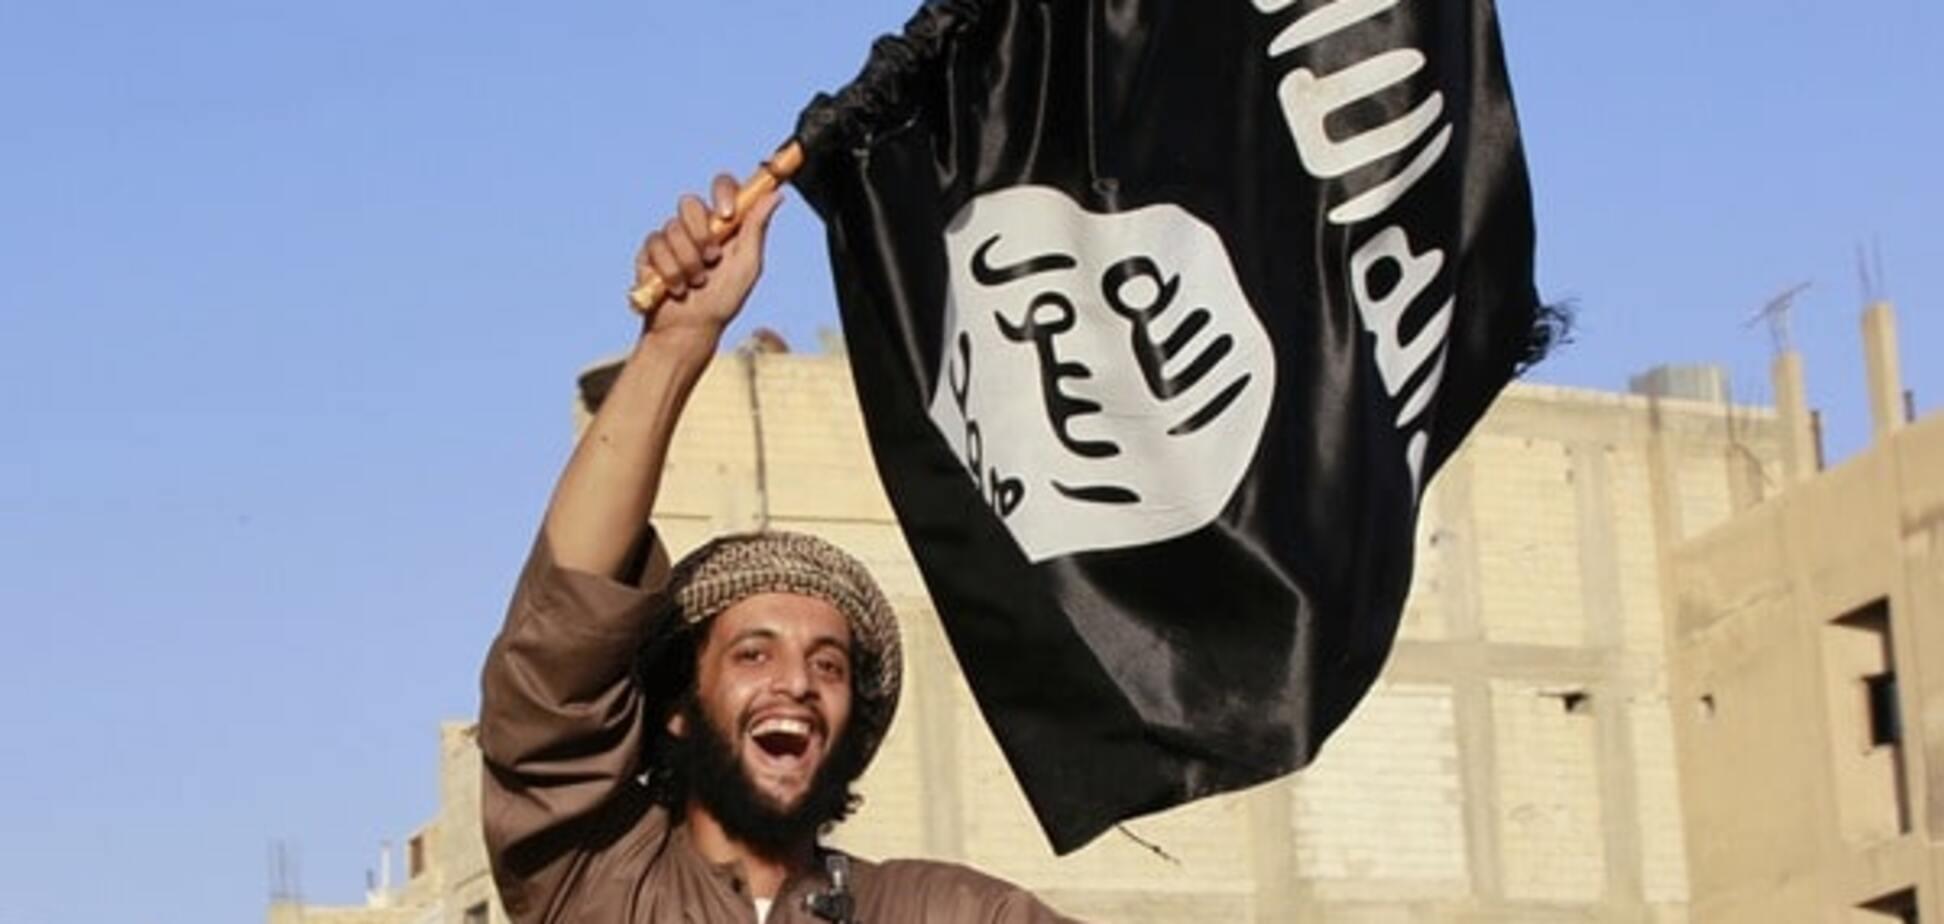 ИГИЛ в 2015 году: взгляд на год террора - NBC News